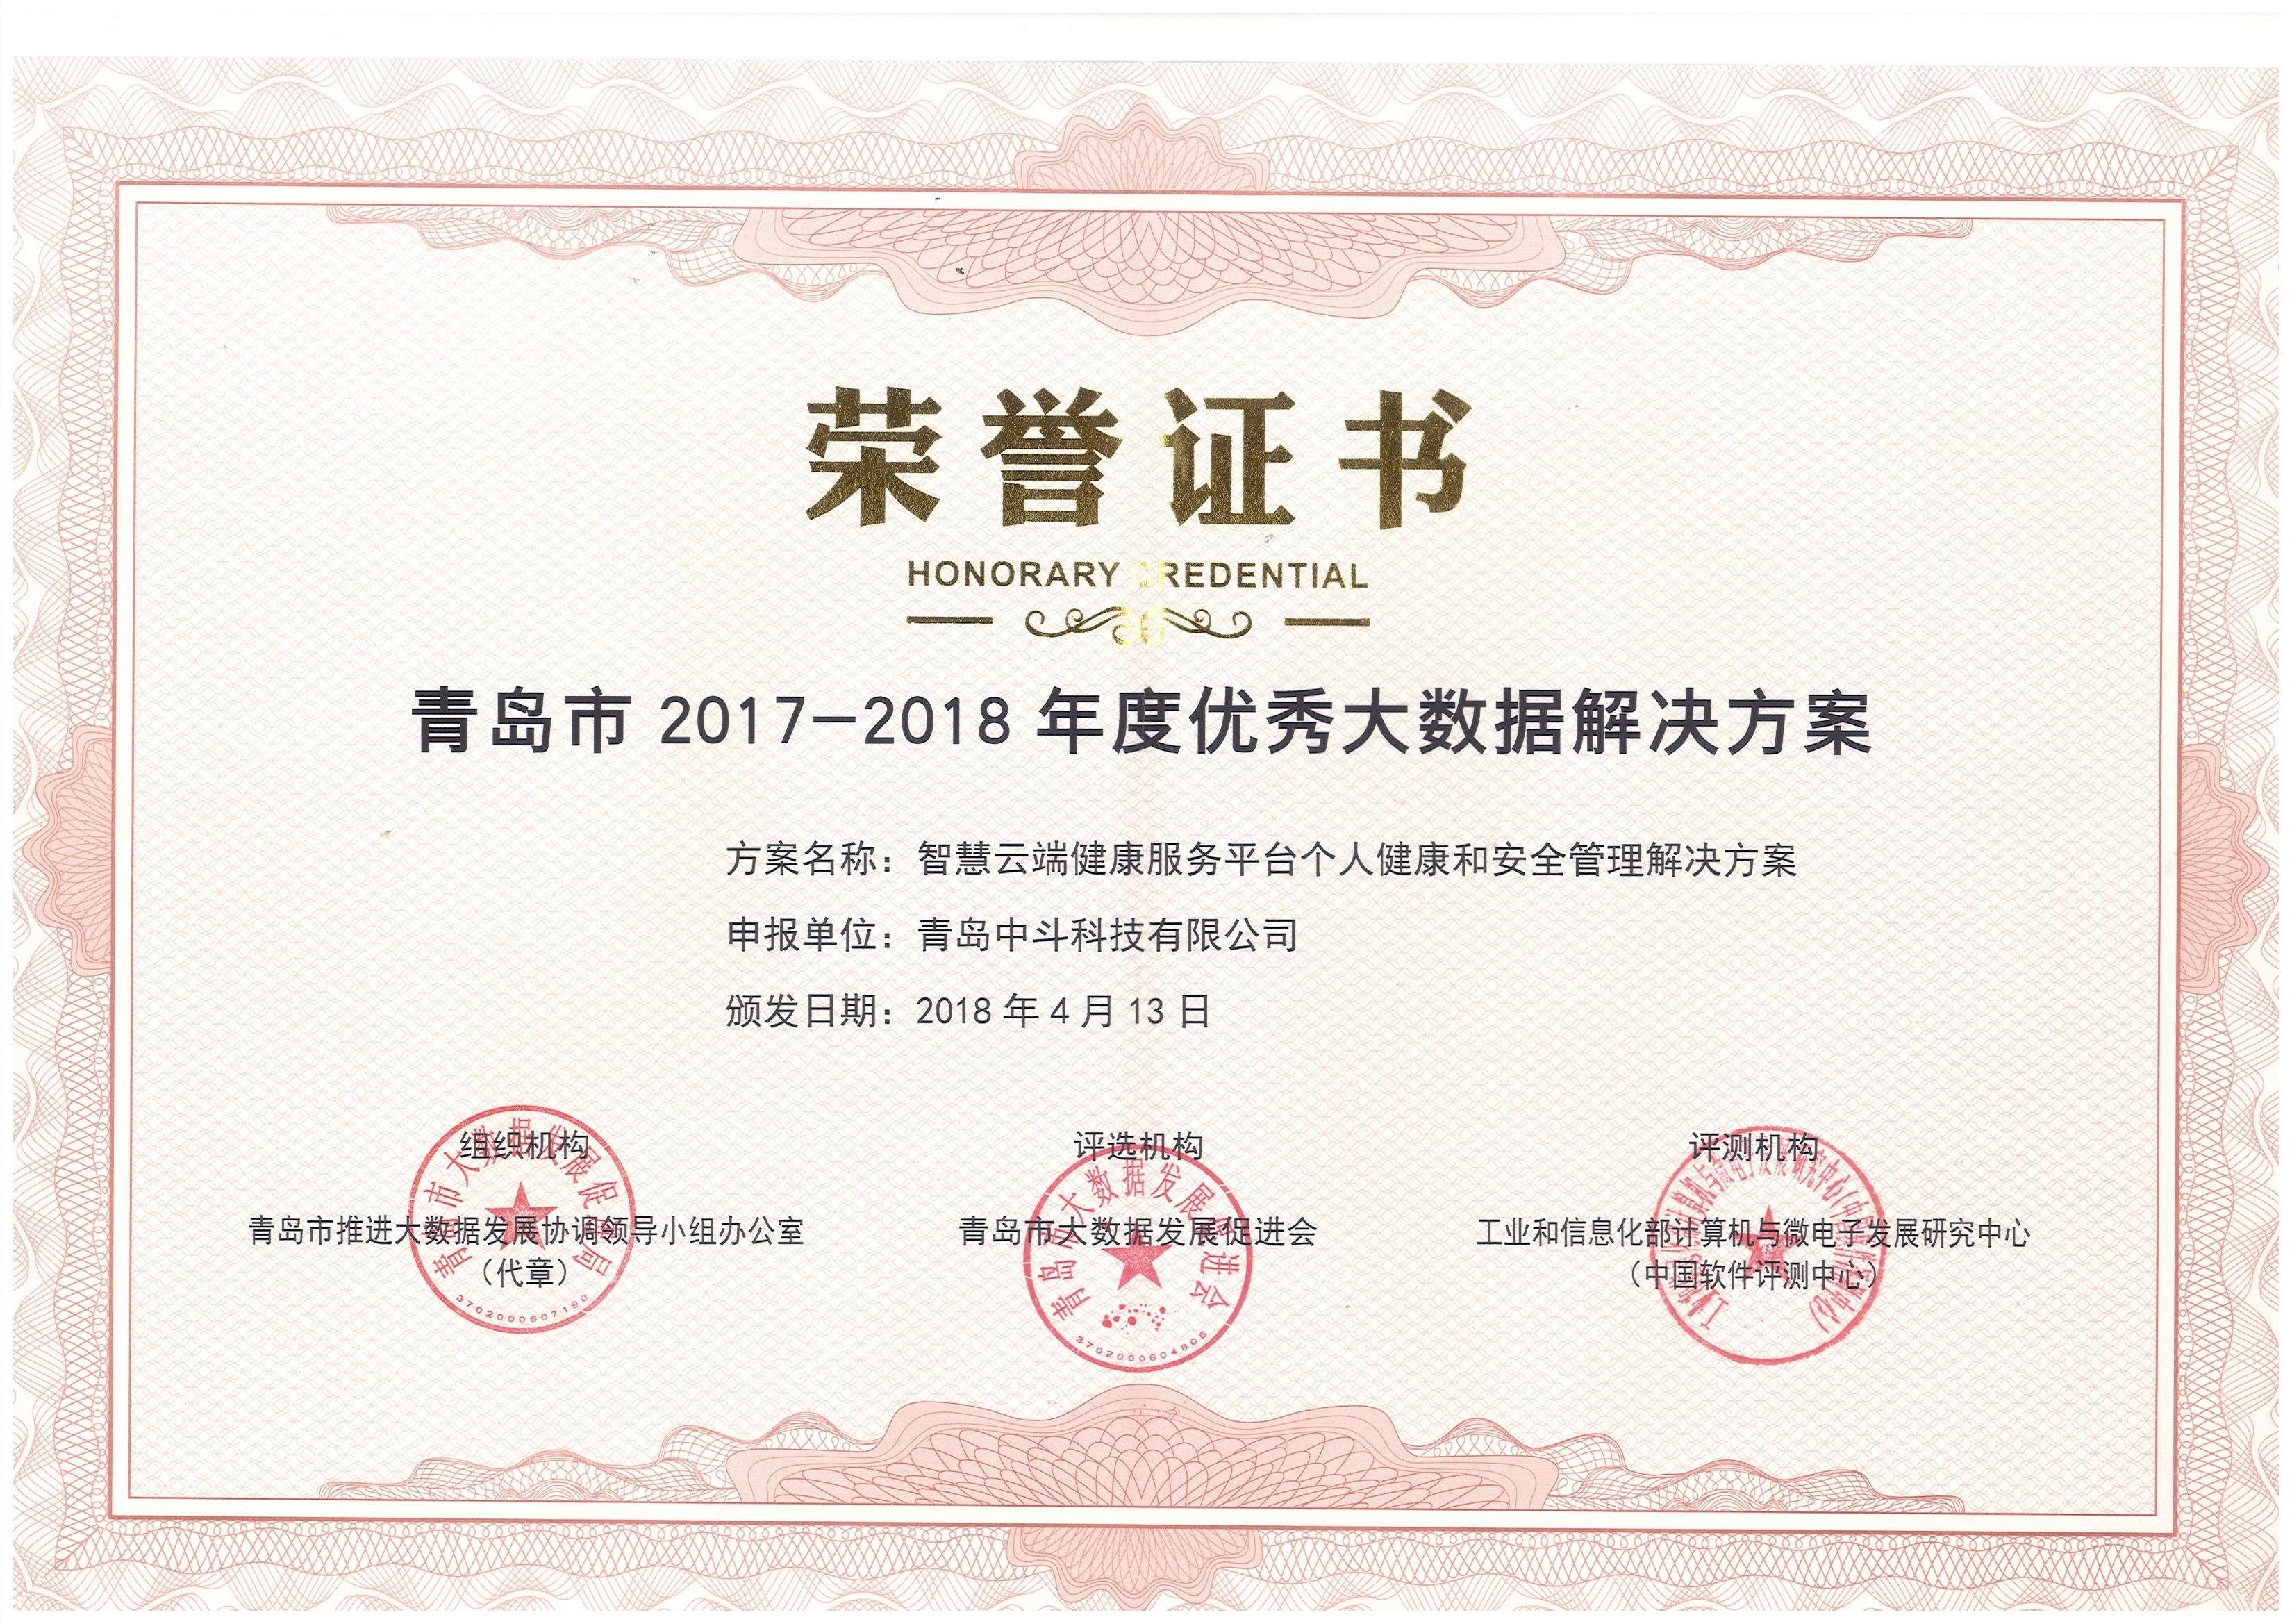 2017-2018年度优秀大数据解决方案_中斗科技_北斗云